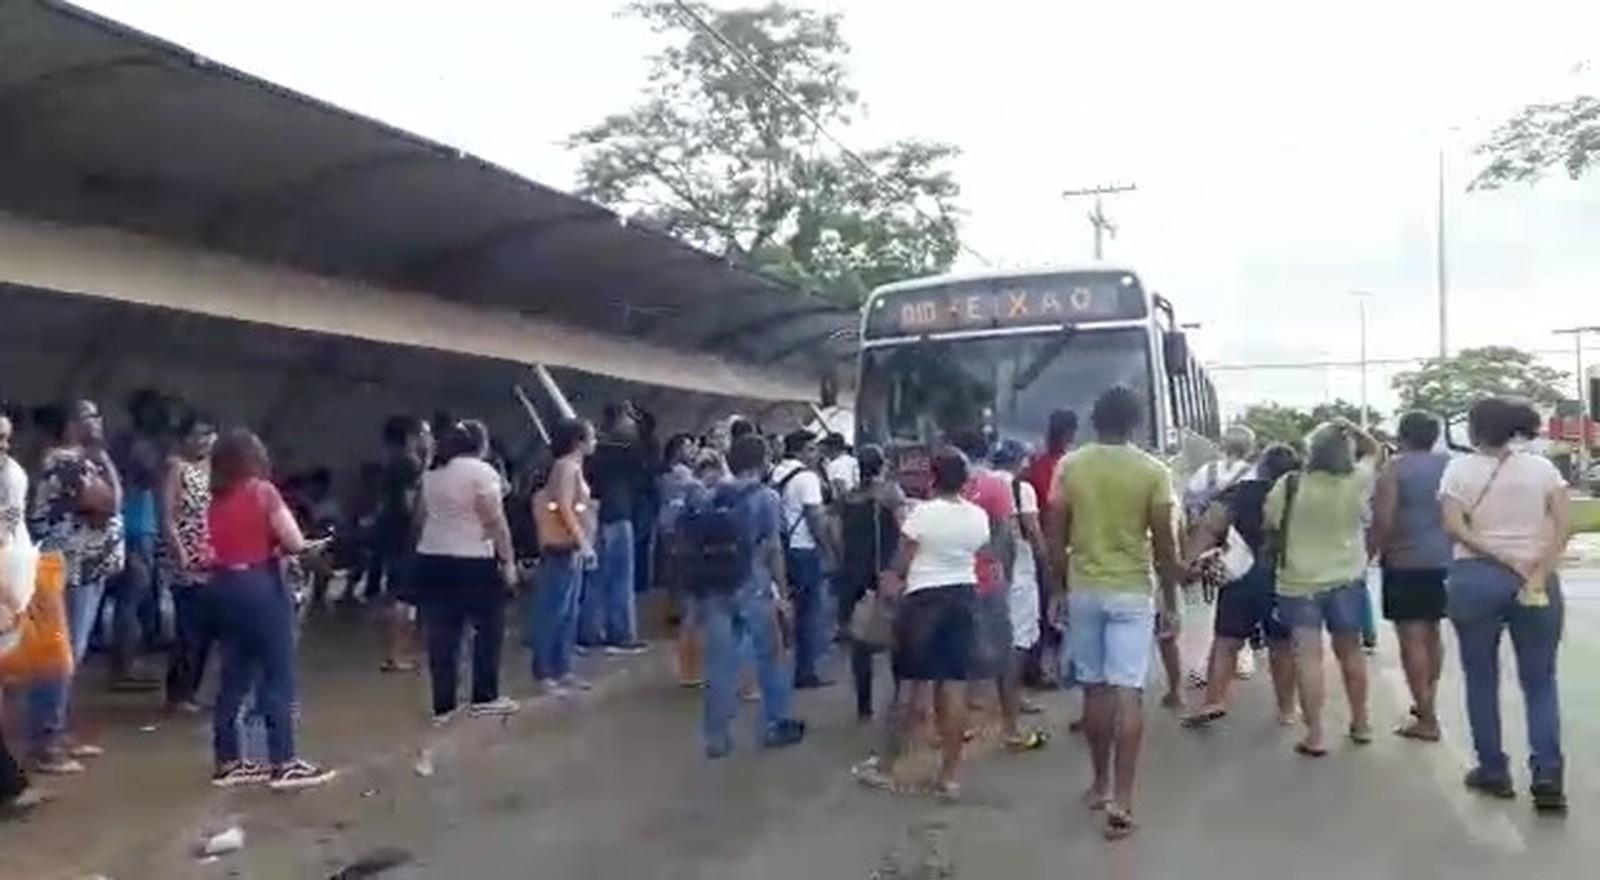 Moradores se revoltam e bloqueiam avenida por causa da falta de ônibus em Palmas